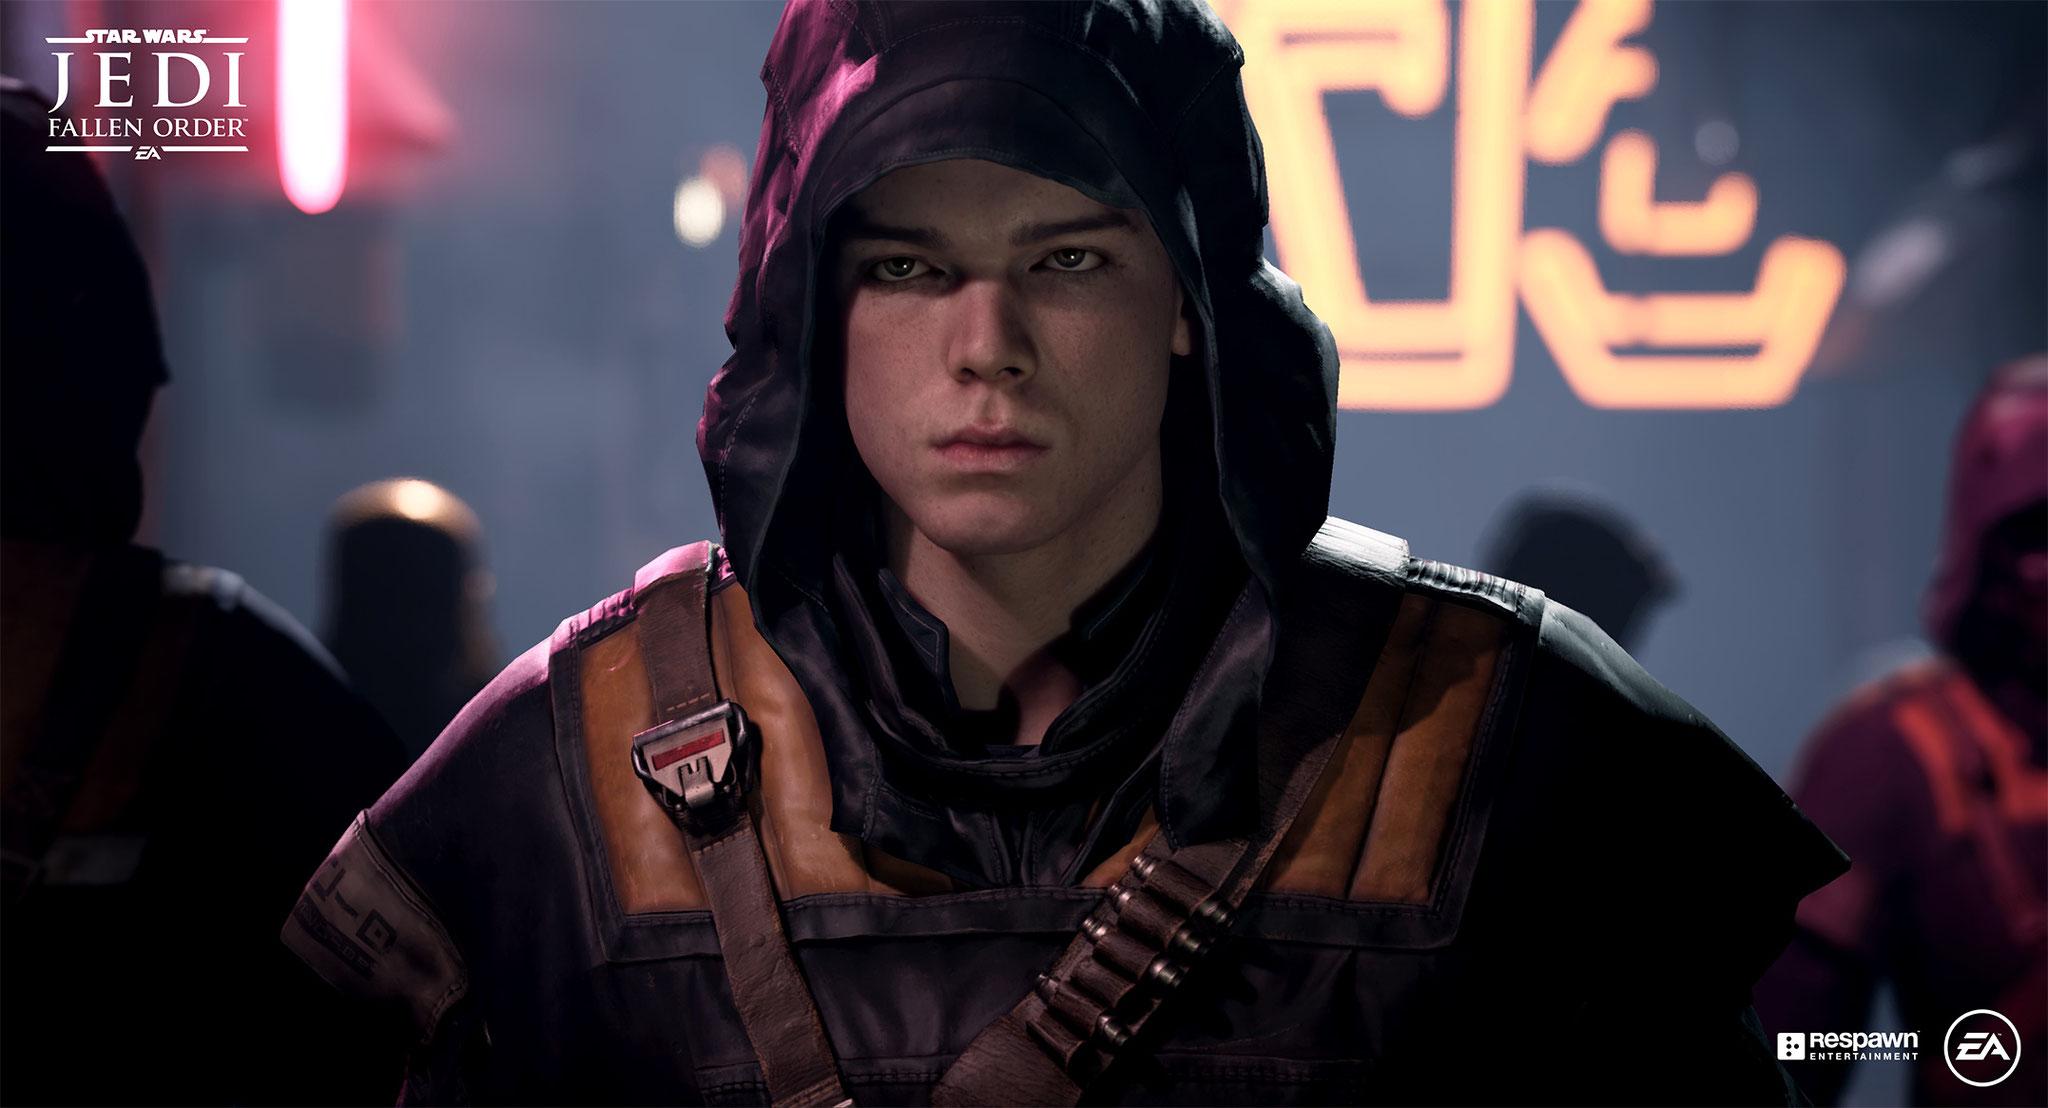 """Bildete das Herzstück von EA's E3-Präsentation, machte aber zumindest optisch nur eine mittelprächtige Figur: Das im """"Star Wars""""-Universum angesiedelte Lichtschwert-Gefuchtel """"Jedi: Fallen Order"""""""